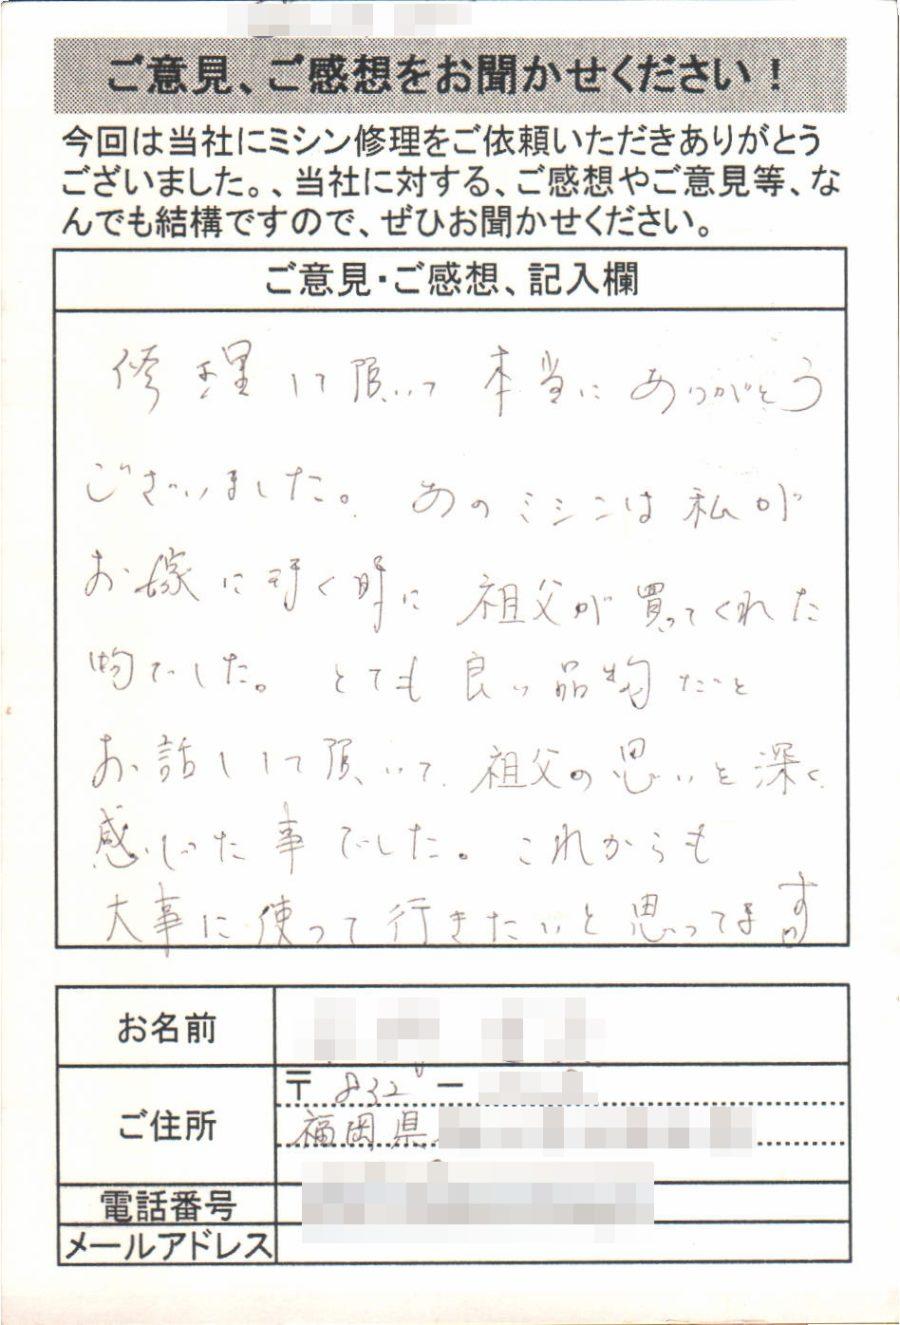 福岡県からミシン修理のお客様の声